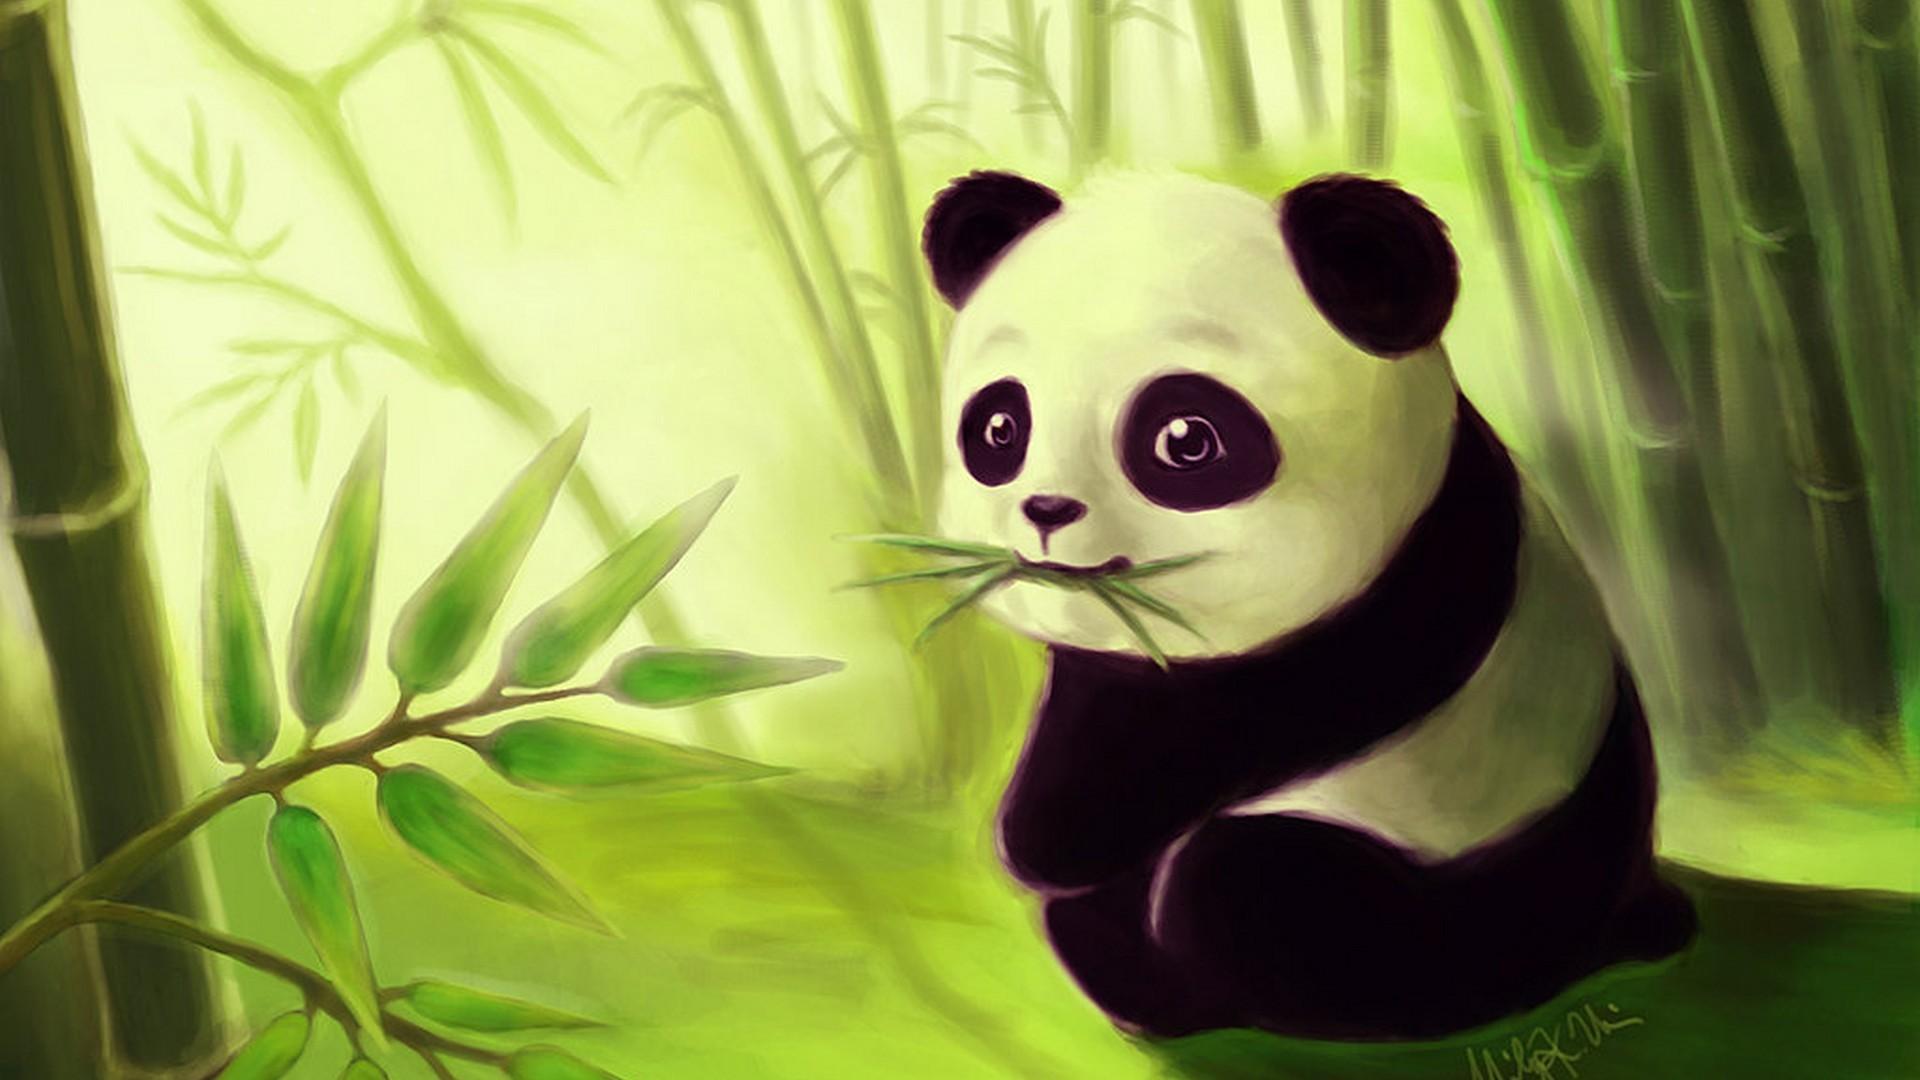 Cartoon Cute Panda Wallpaper Hd